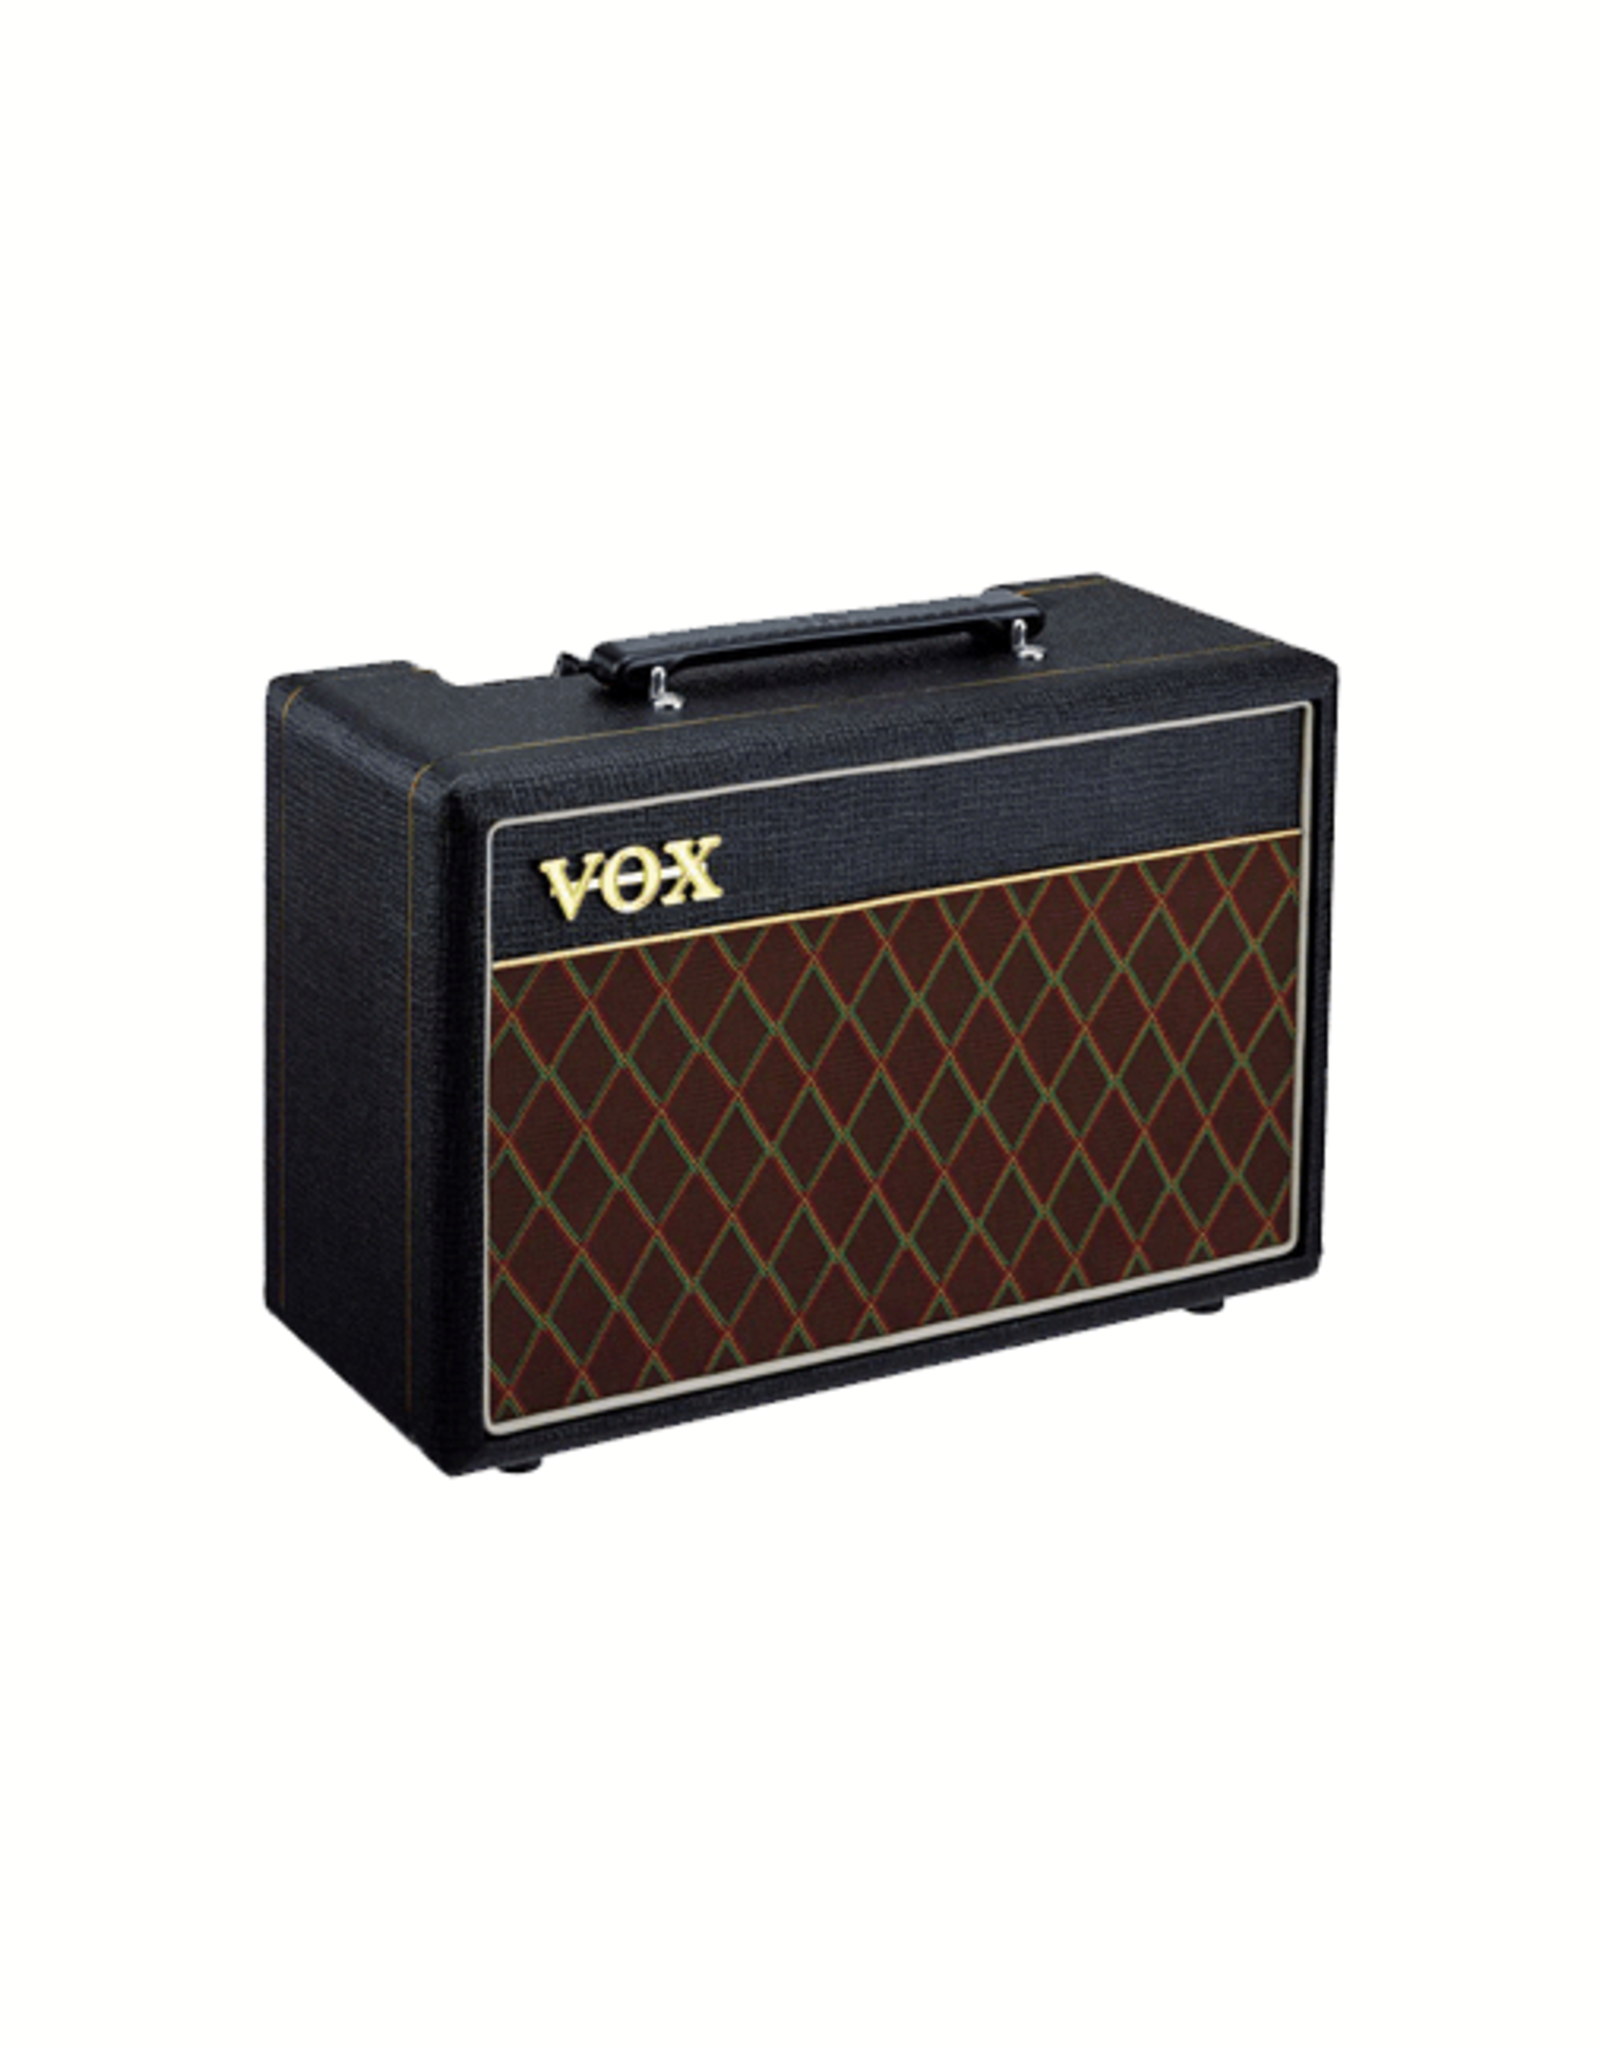 """Vox Vox Pathfinder 10 - 10 Watt, 1x6.5"""" Combo"""